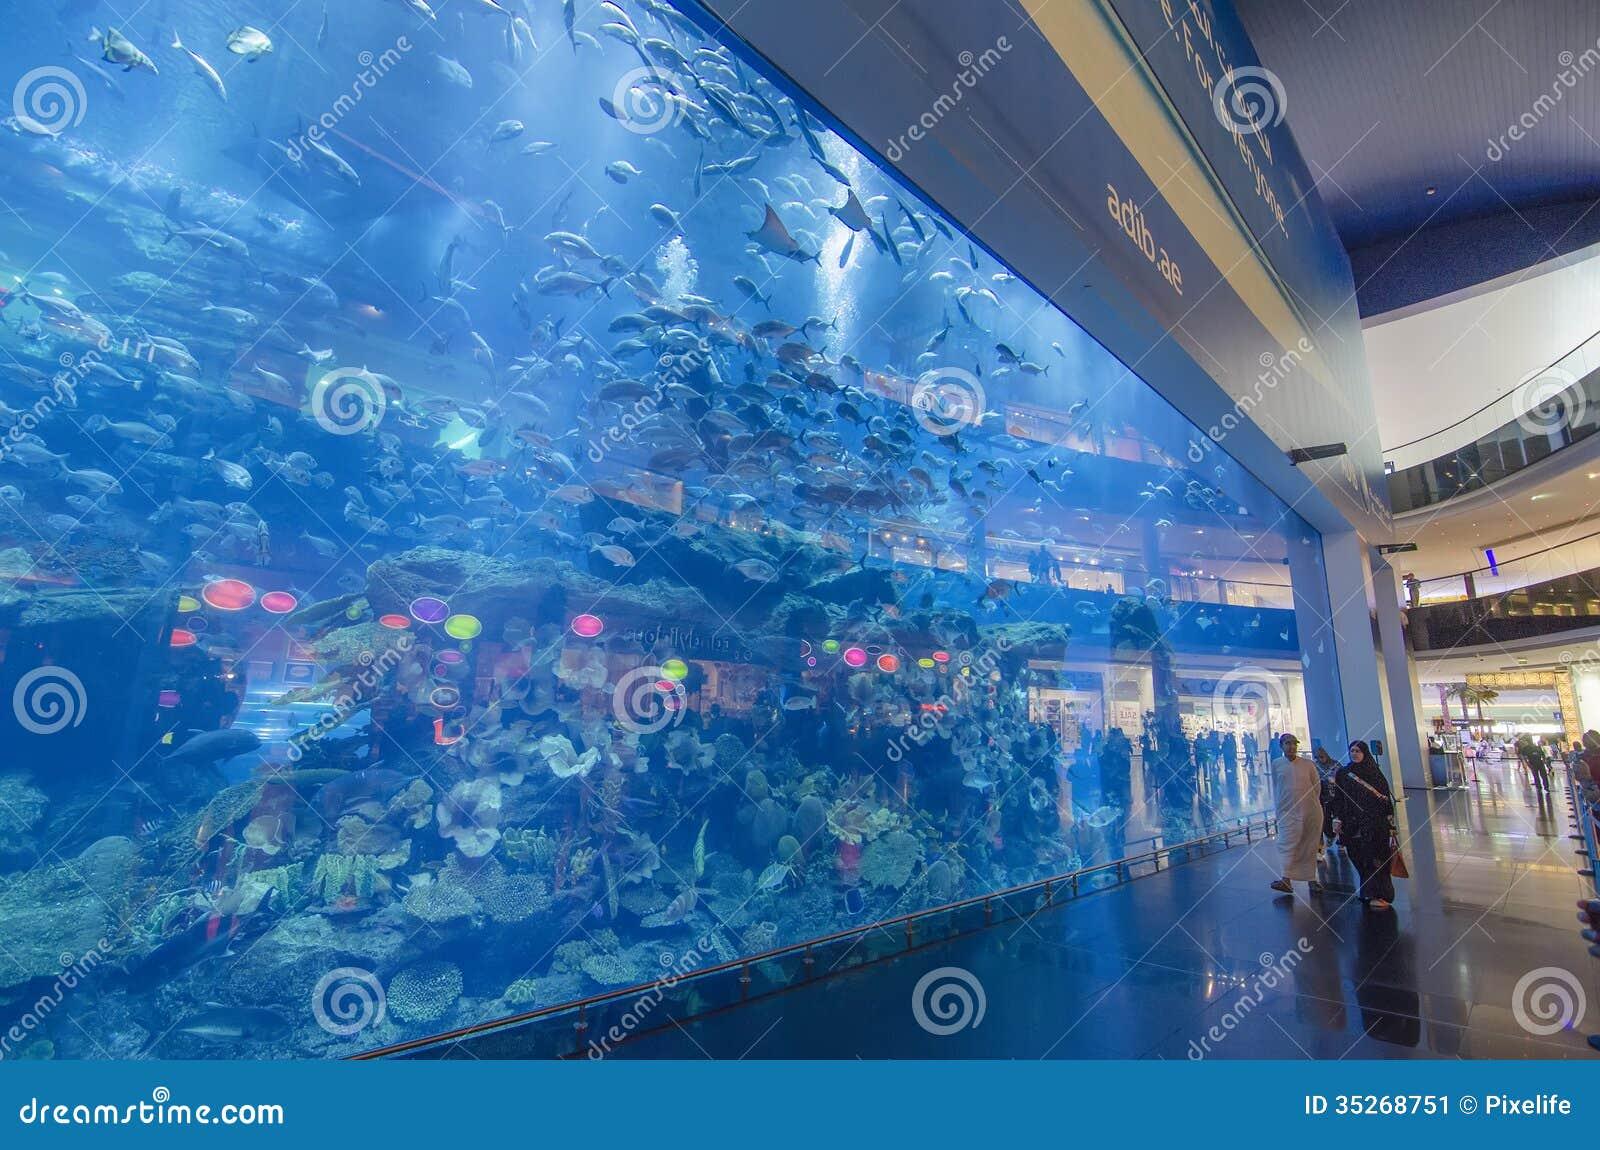 Dubai To Sharjah Travel Time